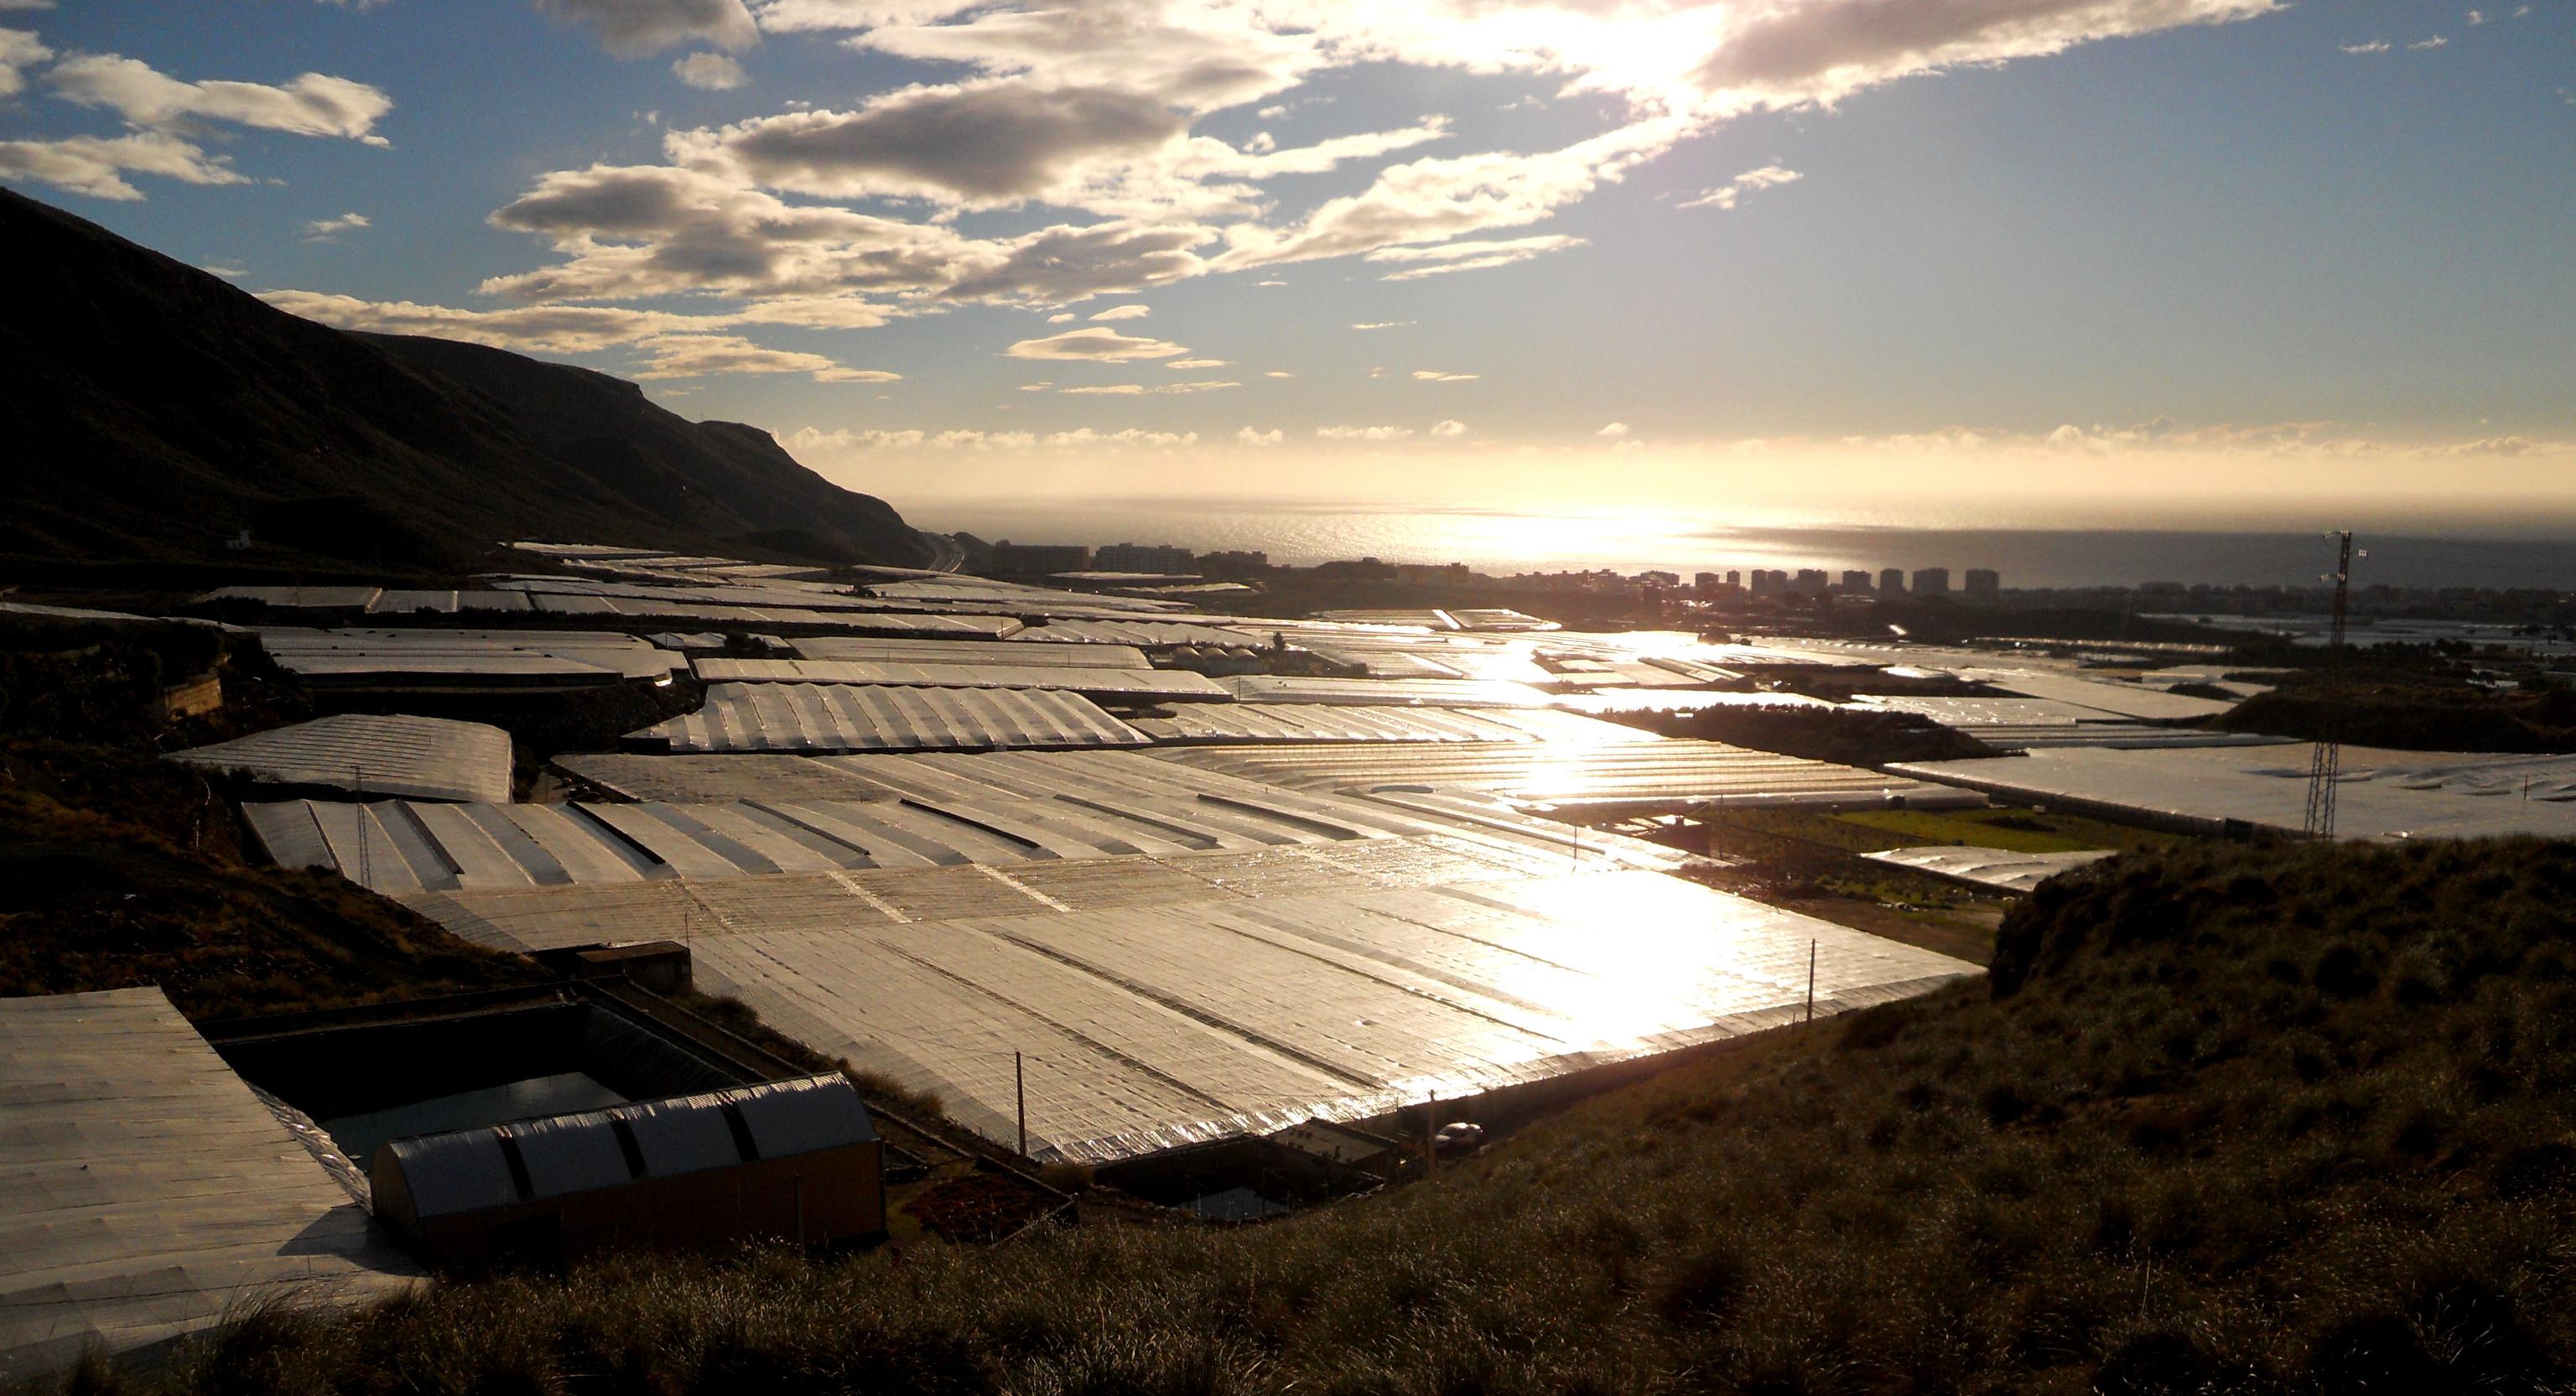 El mar de plástico acelera su revolución: insectos para controlar las plagas y reciclaje de 21.000 toneladas